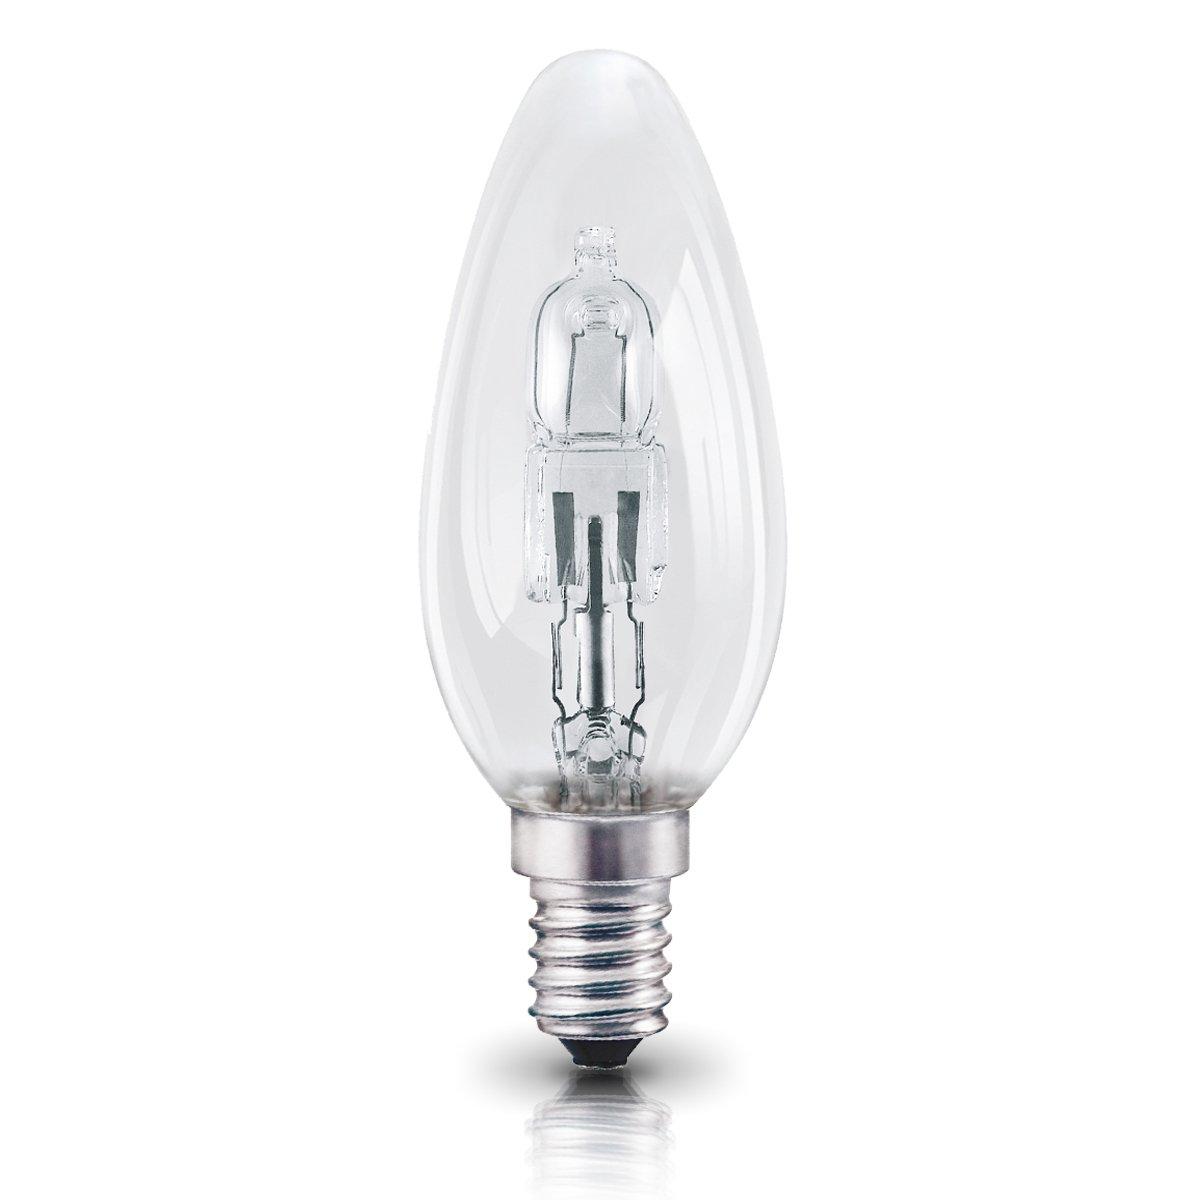 OSRAM Halogen Lampe E14 dimmbar Classic A /  20W - 25 Watt-Ersatz, Halogen Birne als Kerzenform / klar, warmweiß - 2700K, 5er-Pack Ledvance 4052899200371